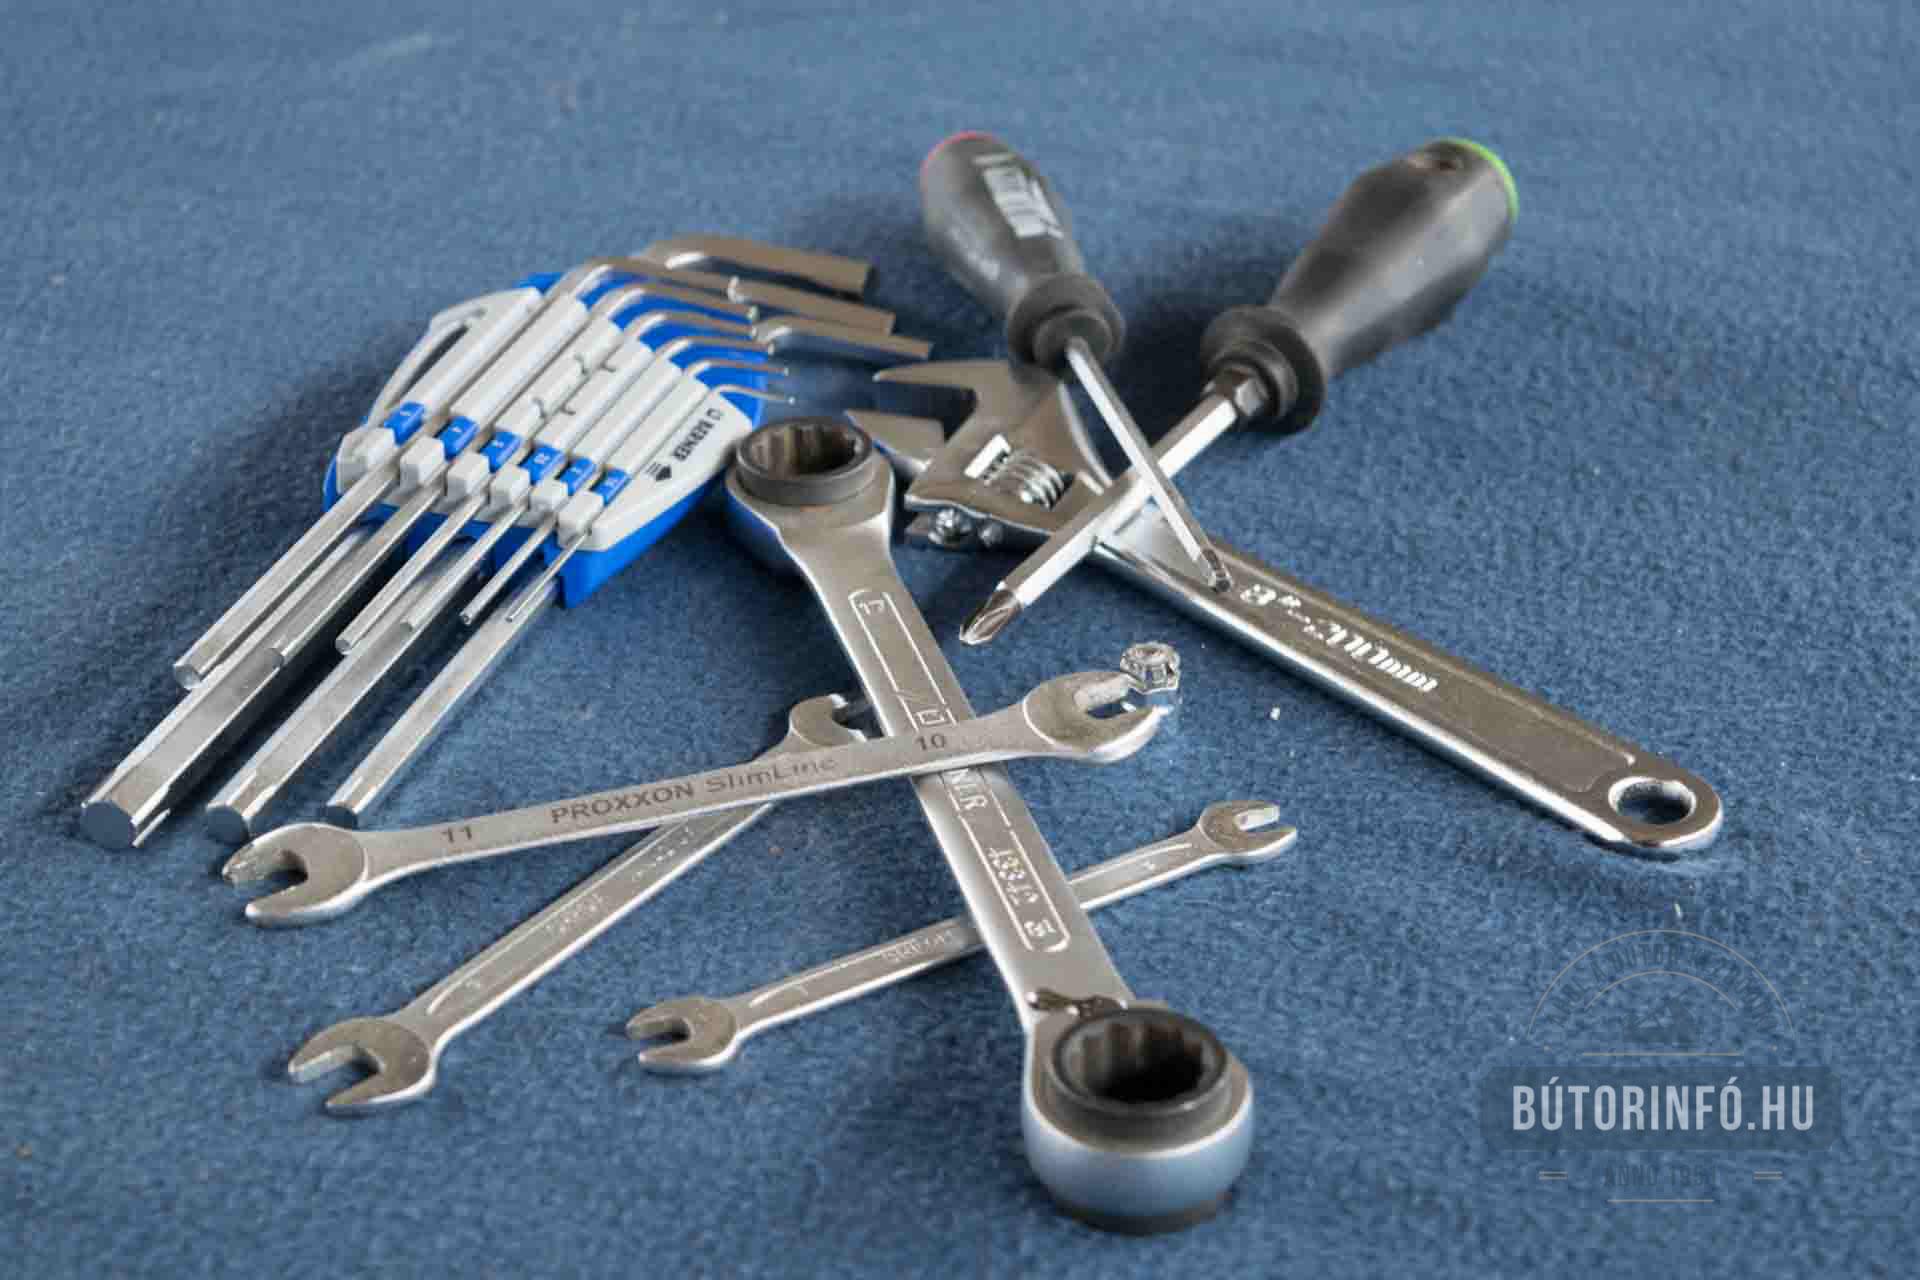 Bútor karbantartás, javítás, beállítás, szerelés